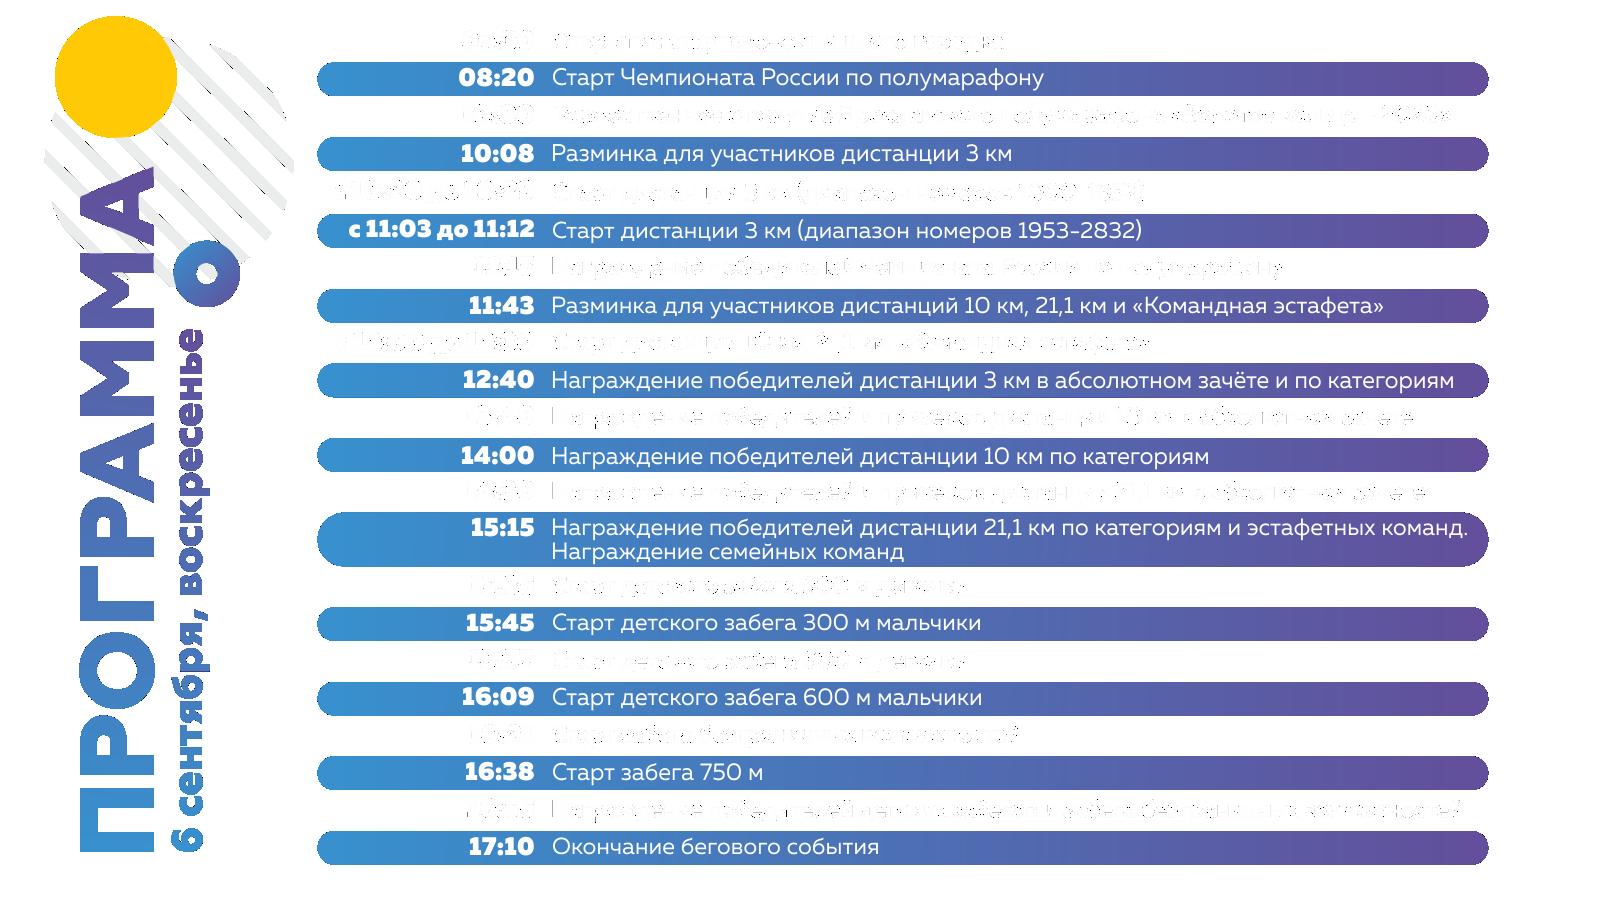 Программа Ярославского полумарафона 2020 «Золотое кольцо»